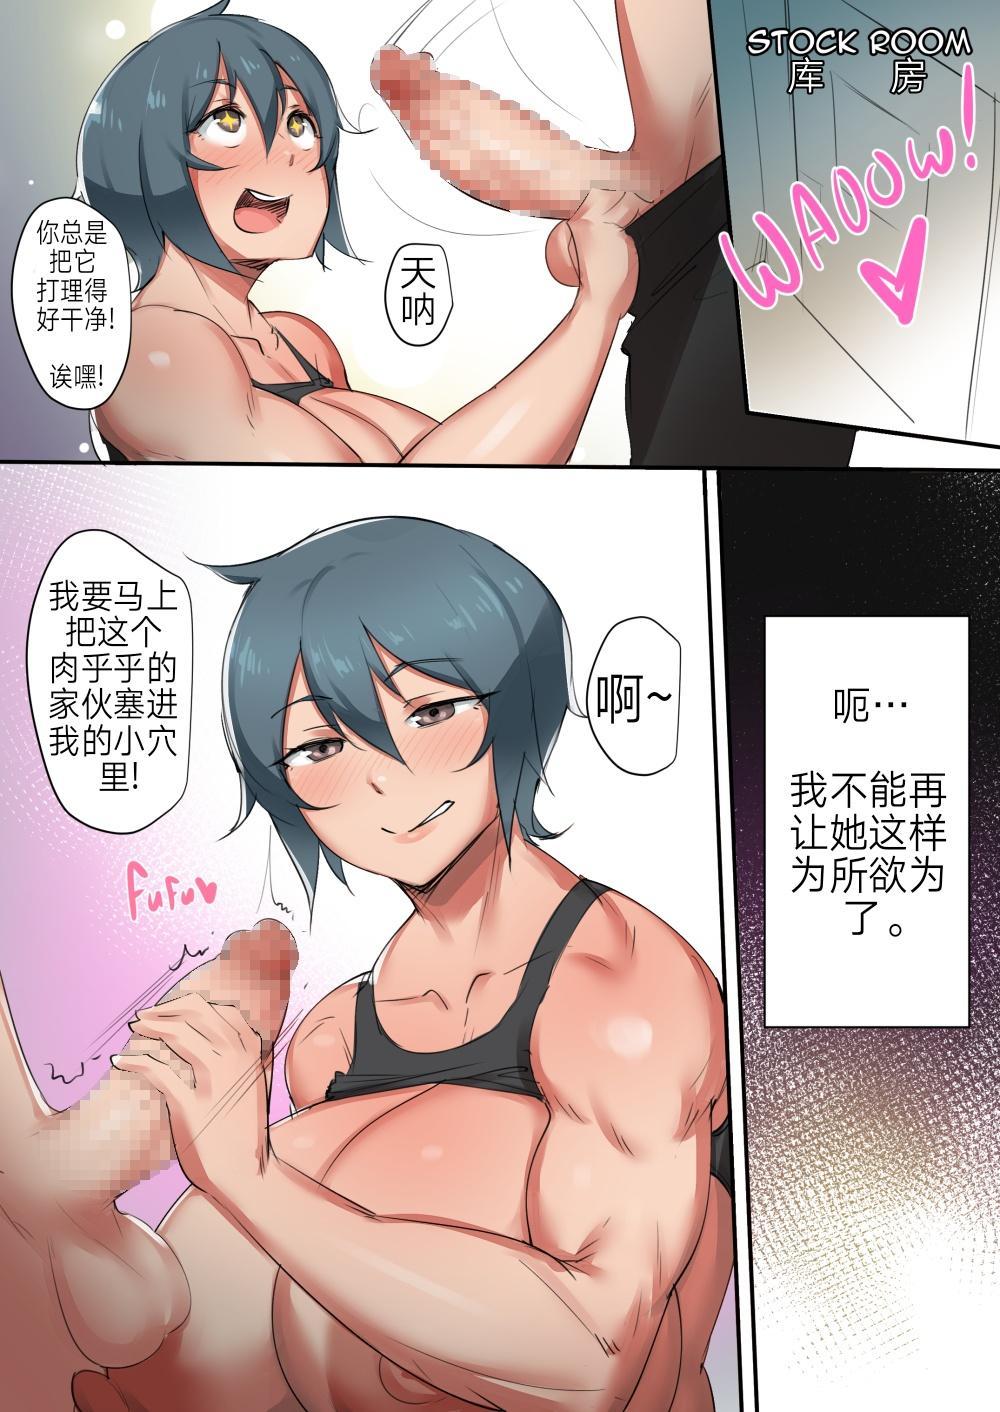 Natsumi x Ban - 2